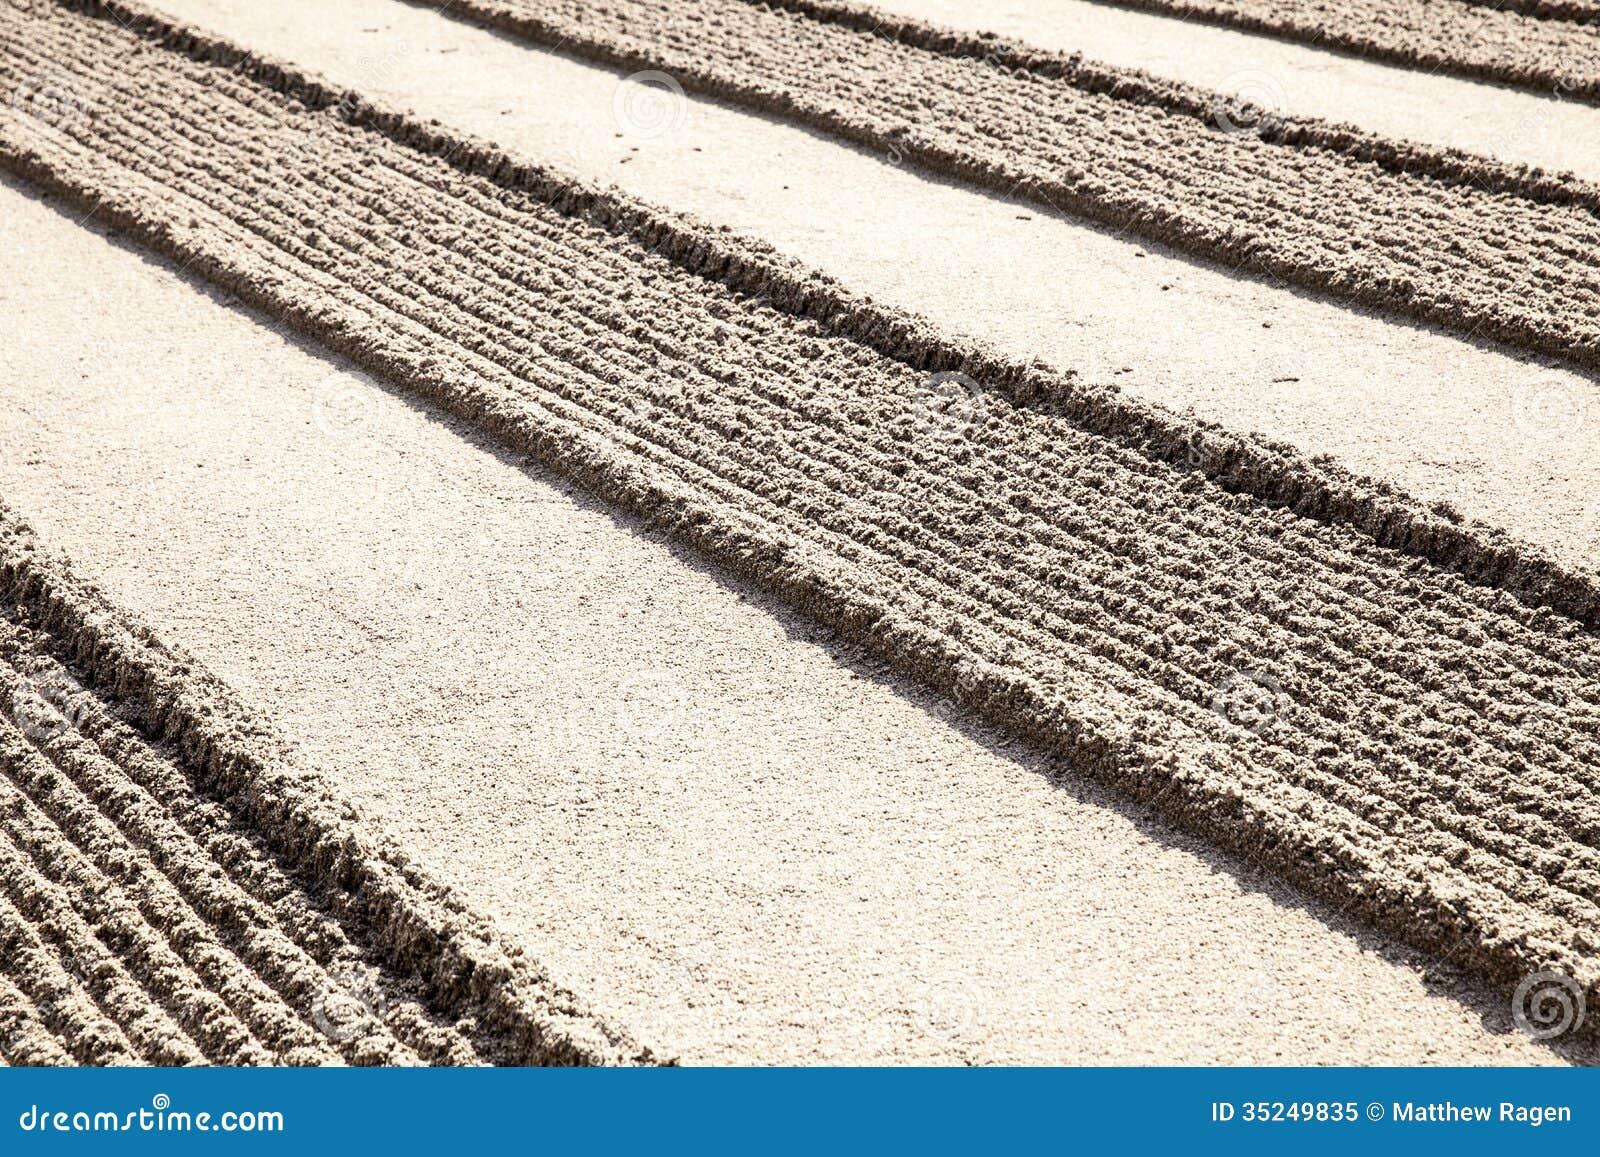 Lines In Zen Sand Garden stock image. Image of historic